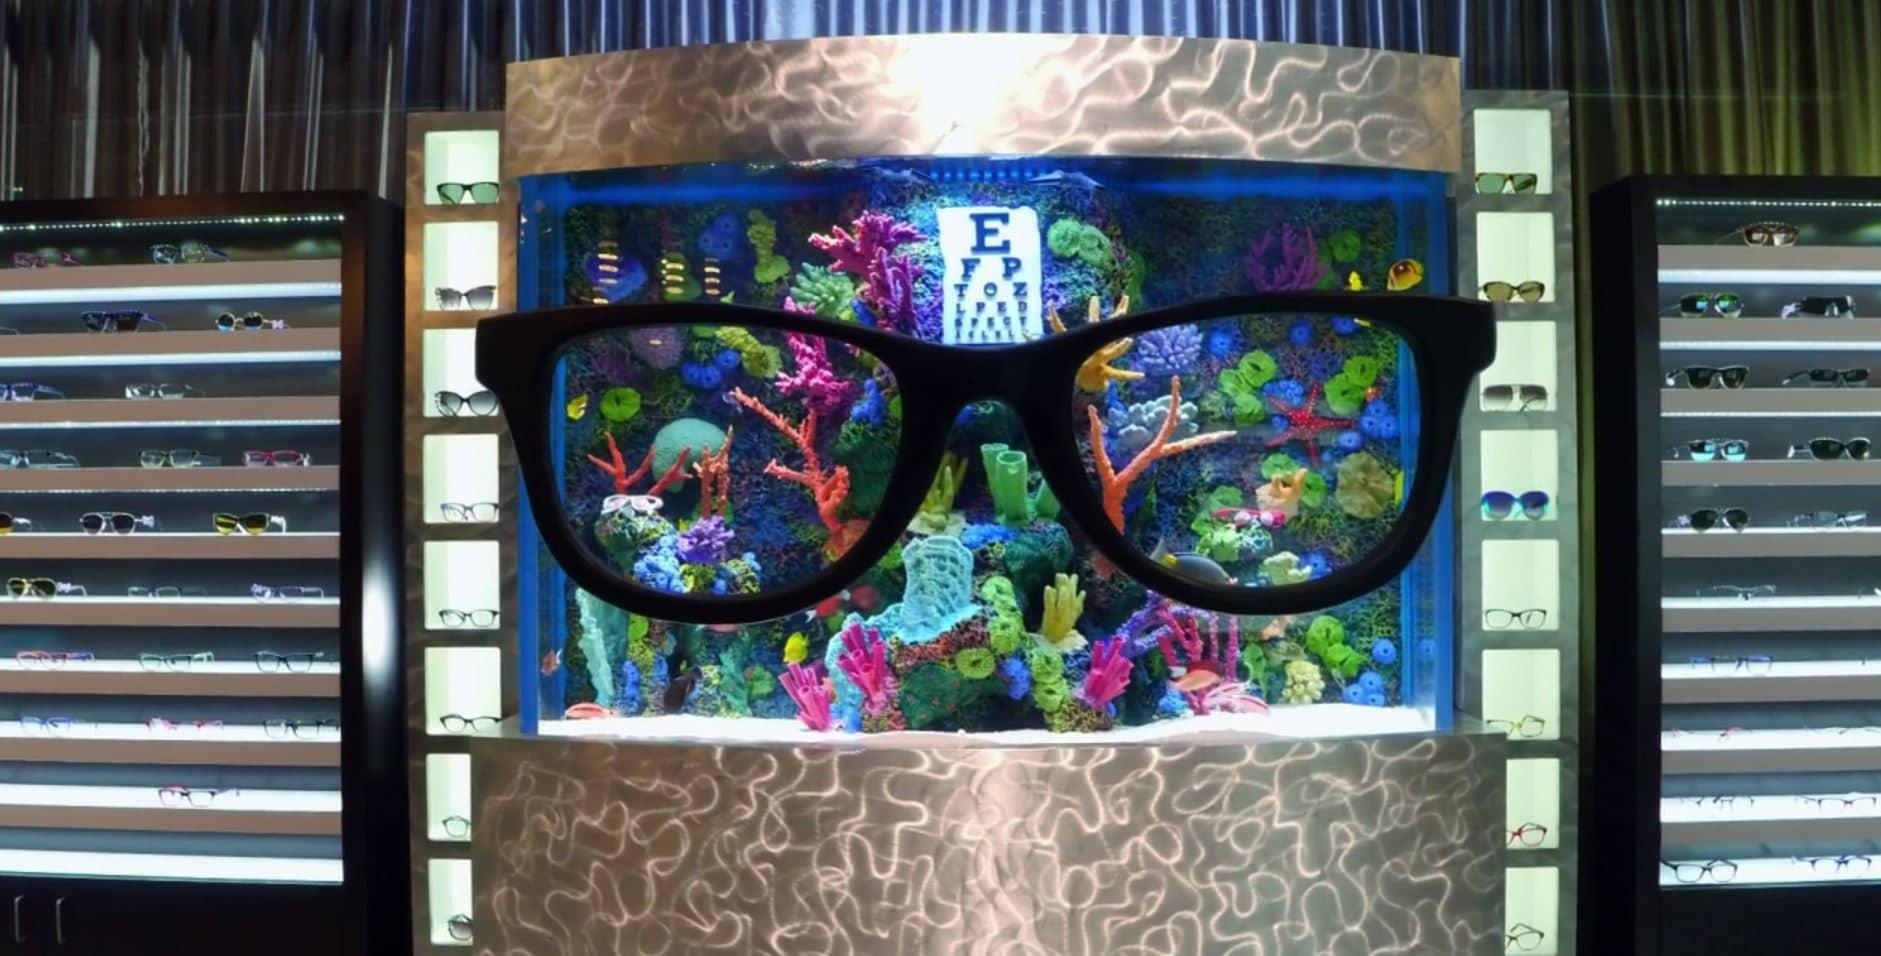 glassesTank